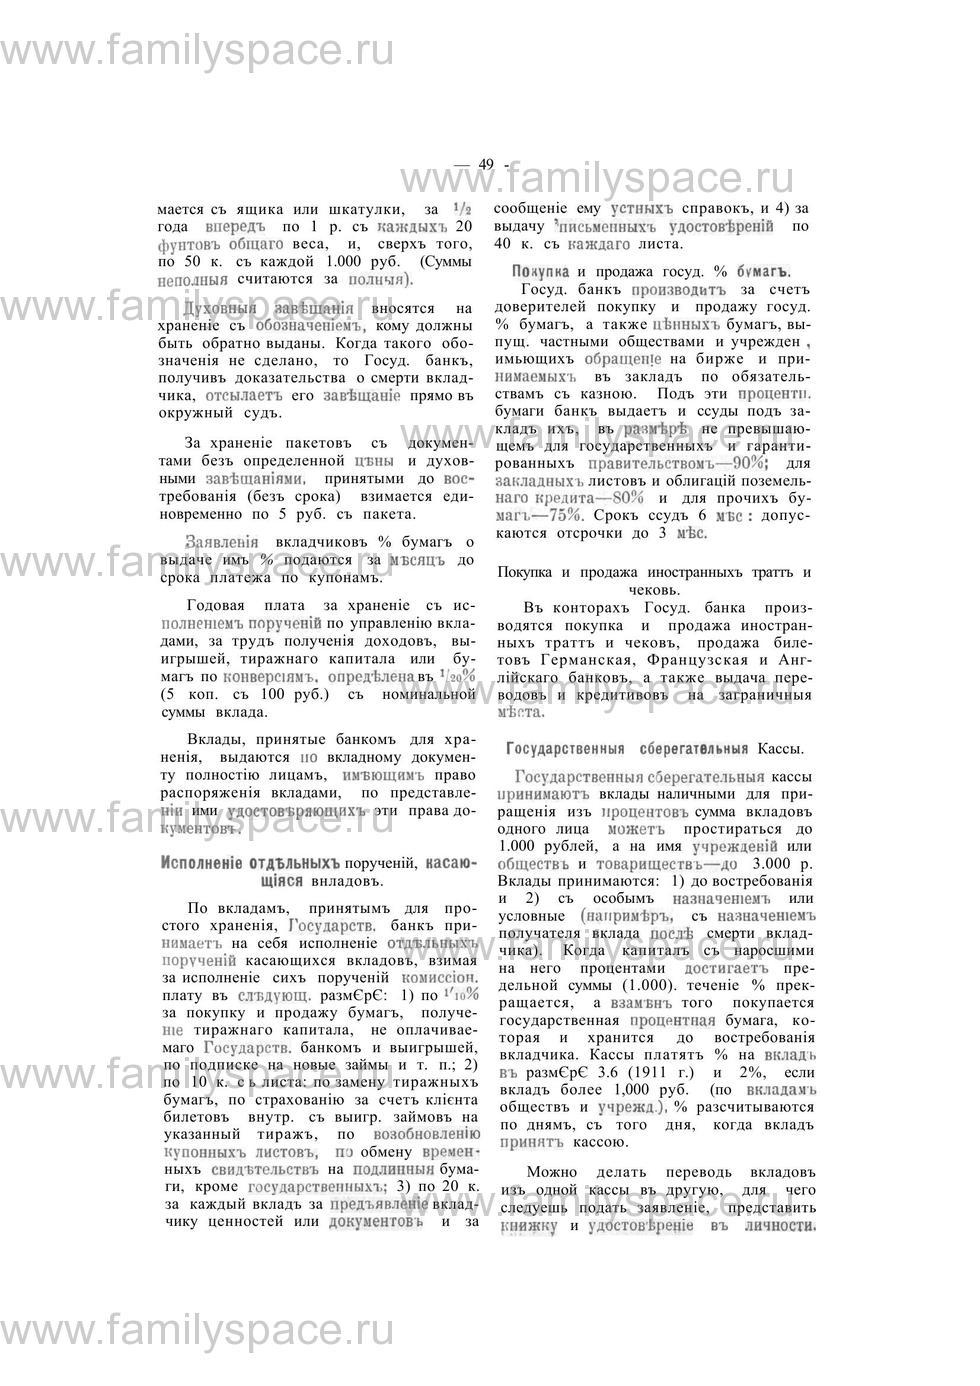 Поиск по фамилии - Екатеринославский адрес-календарь на 1913 год, страница 2049